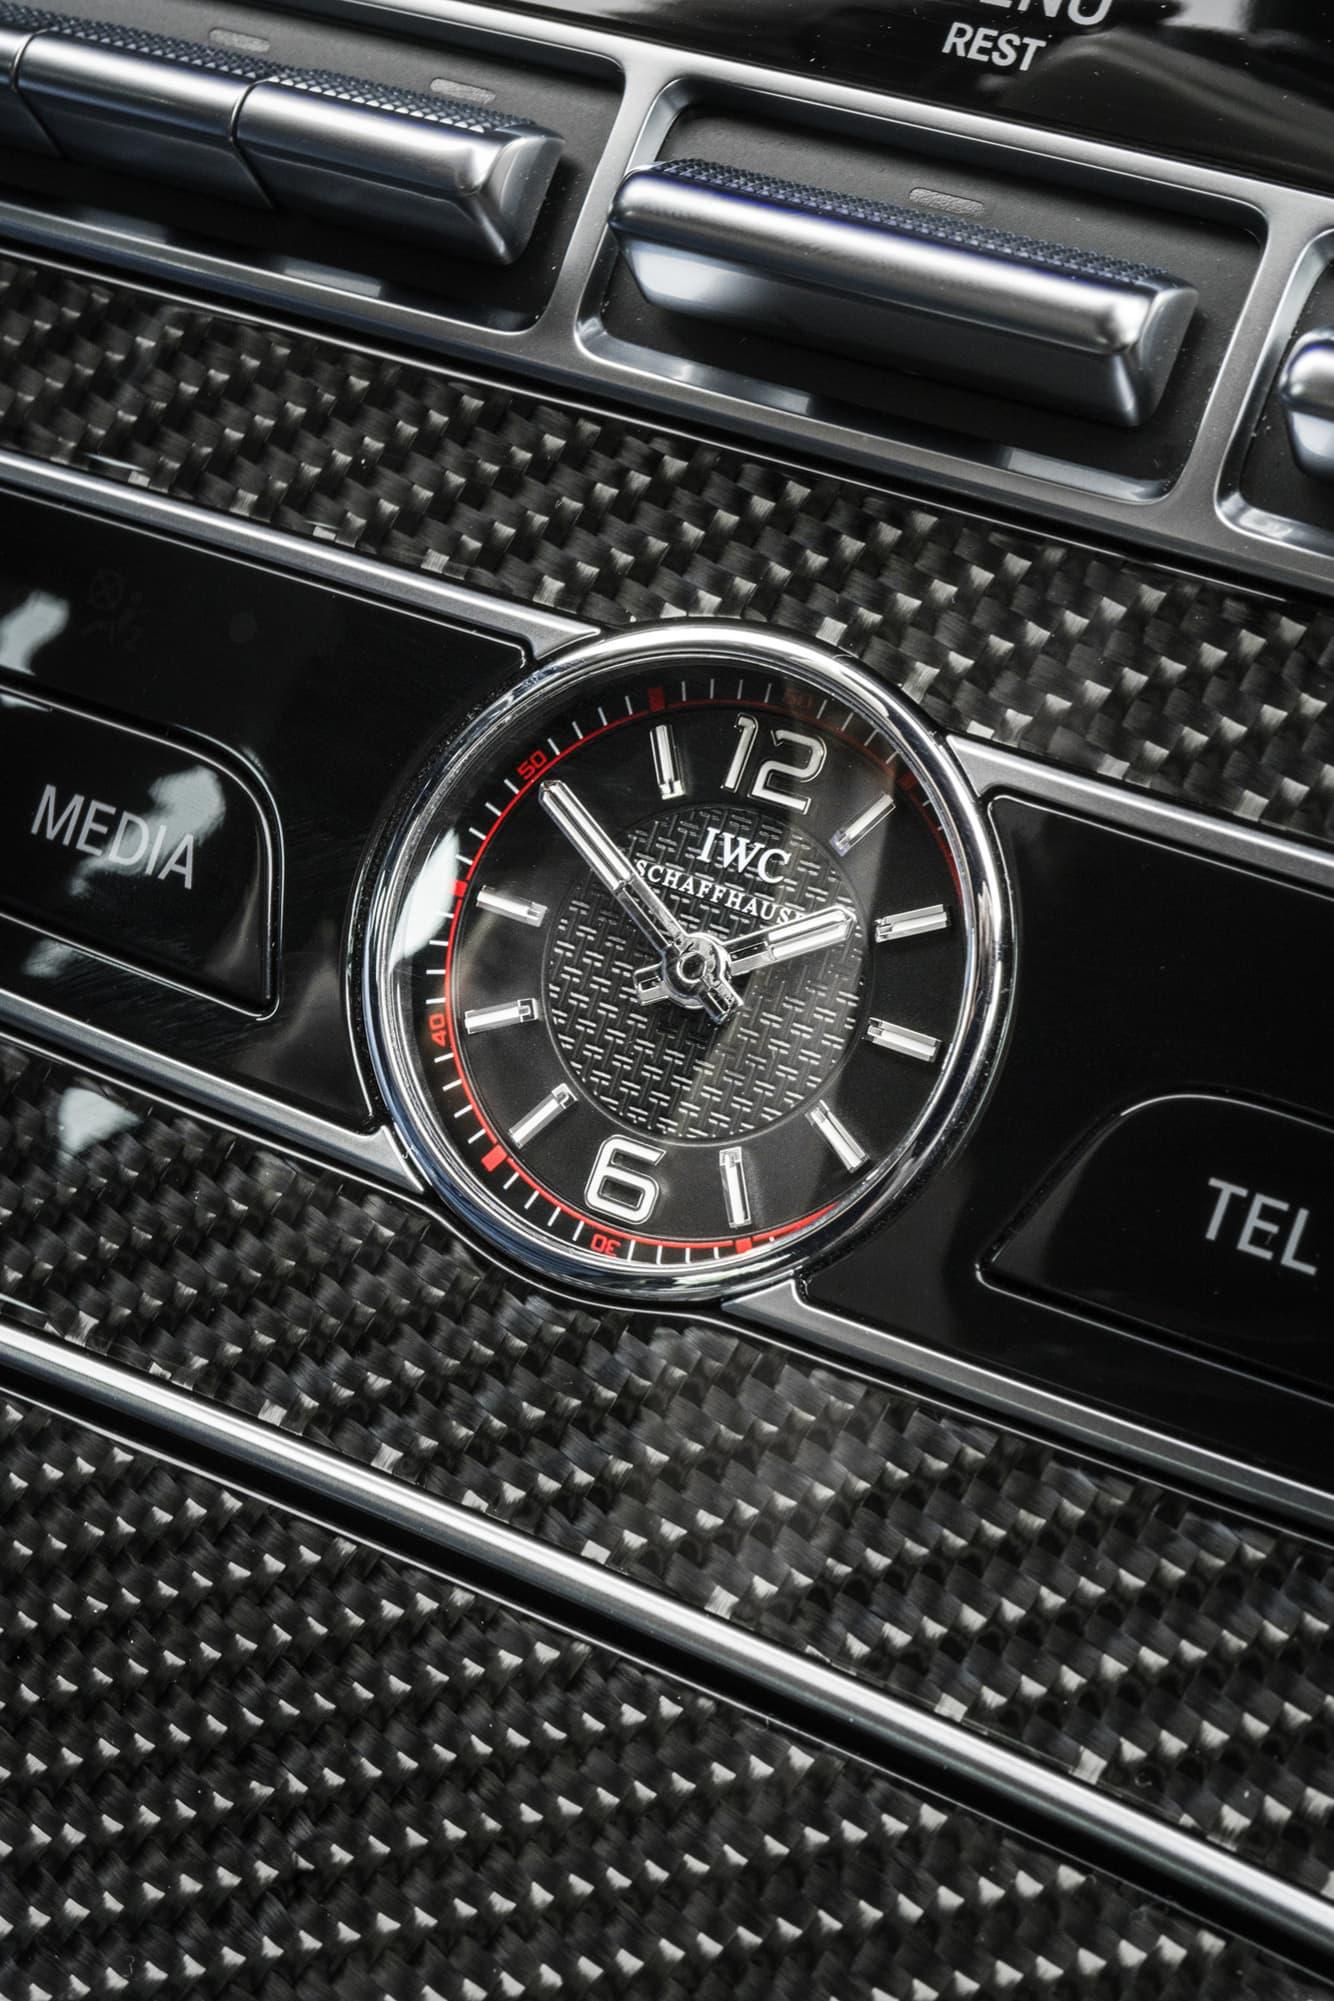 Som kronan på verket sitter en klocka från Schweiziska IWC i mitten av mittkonsolen på Mercedes E63 S AMG.